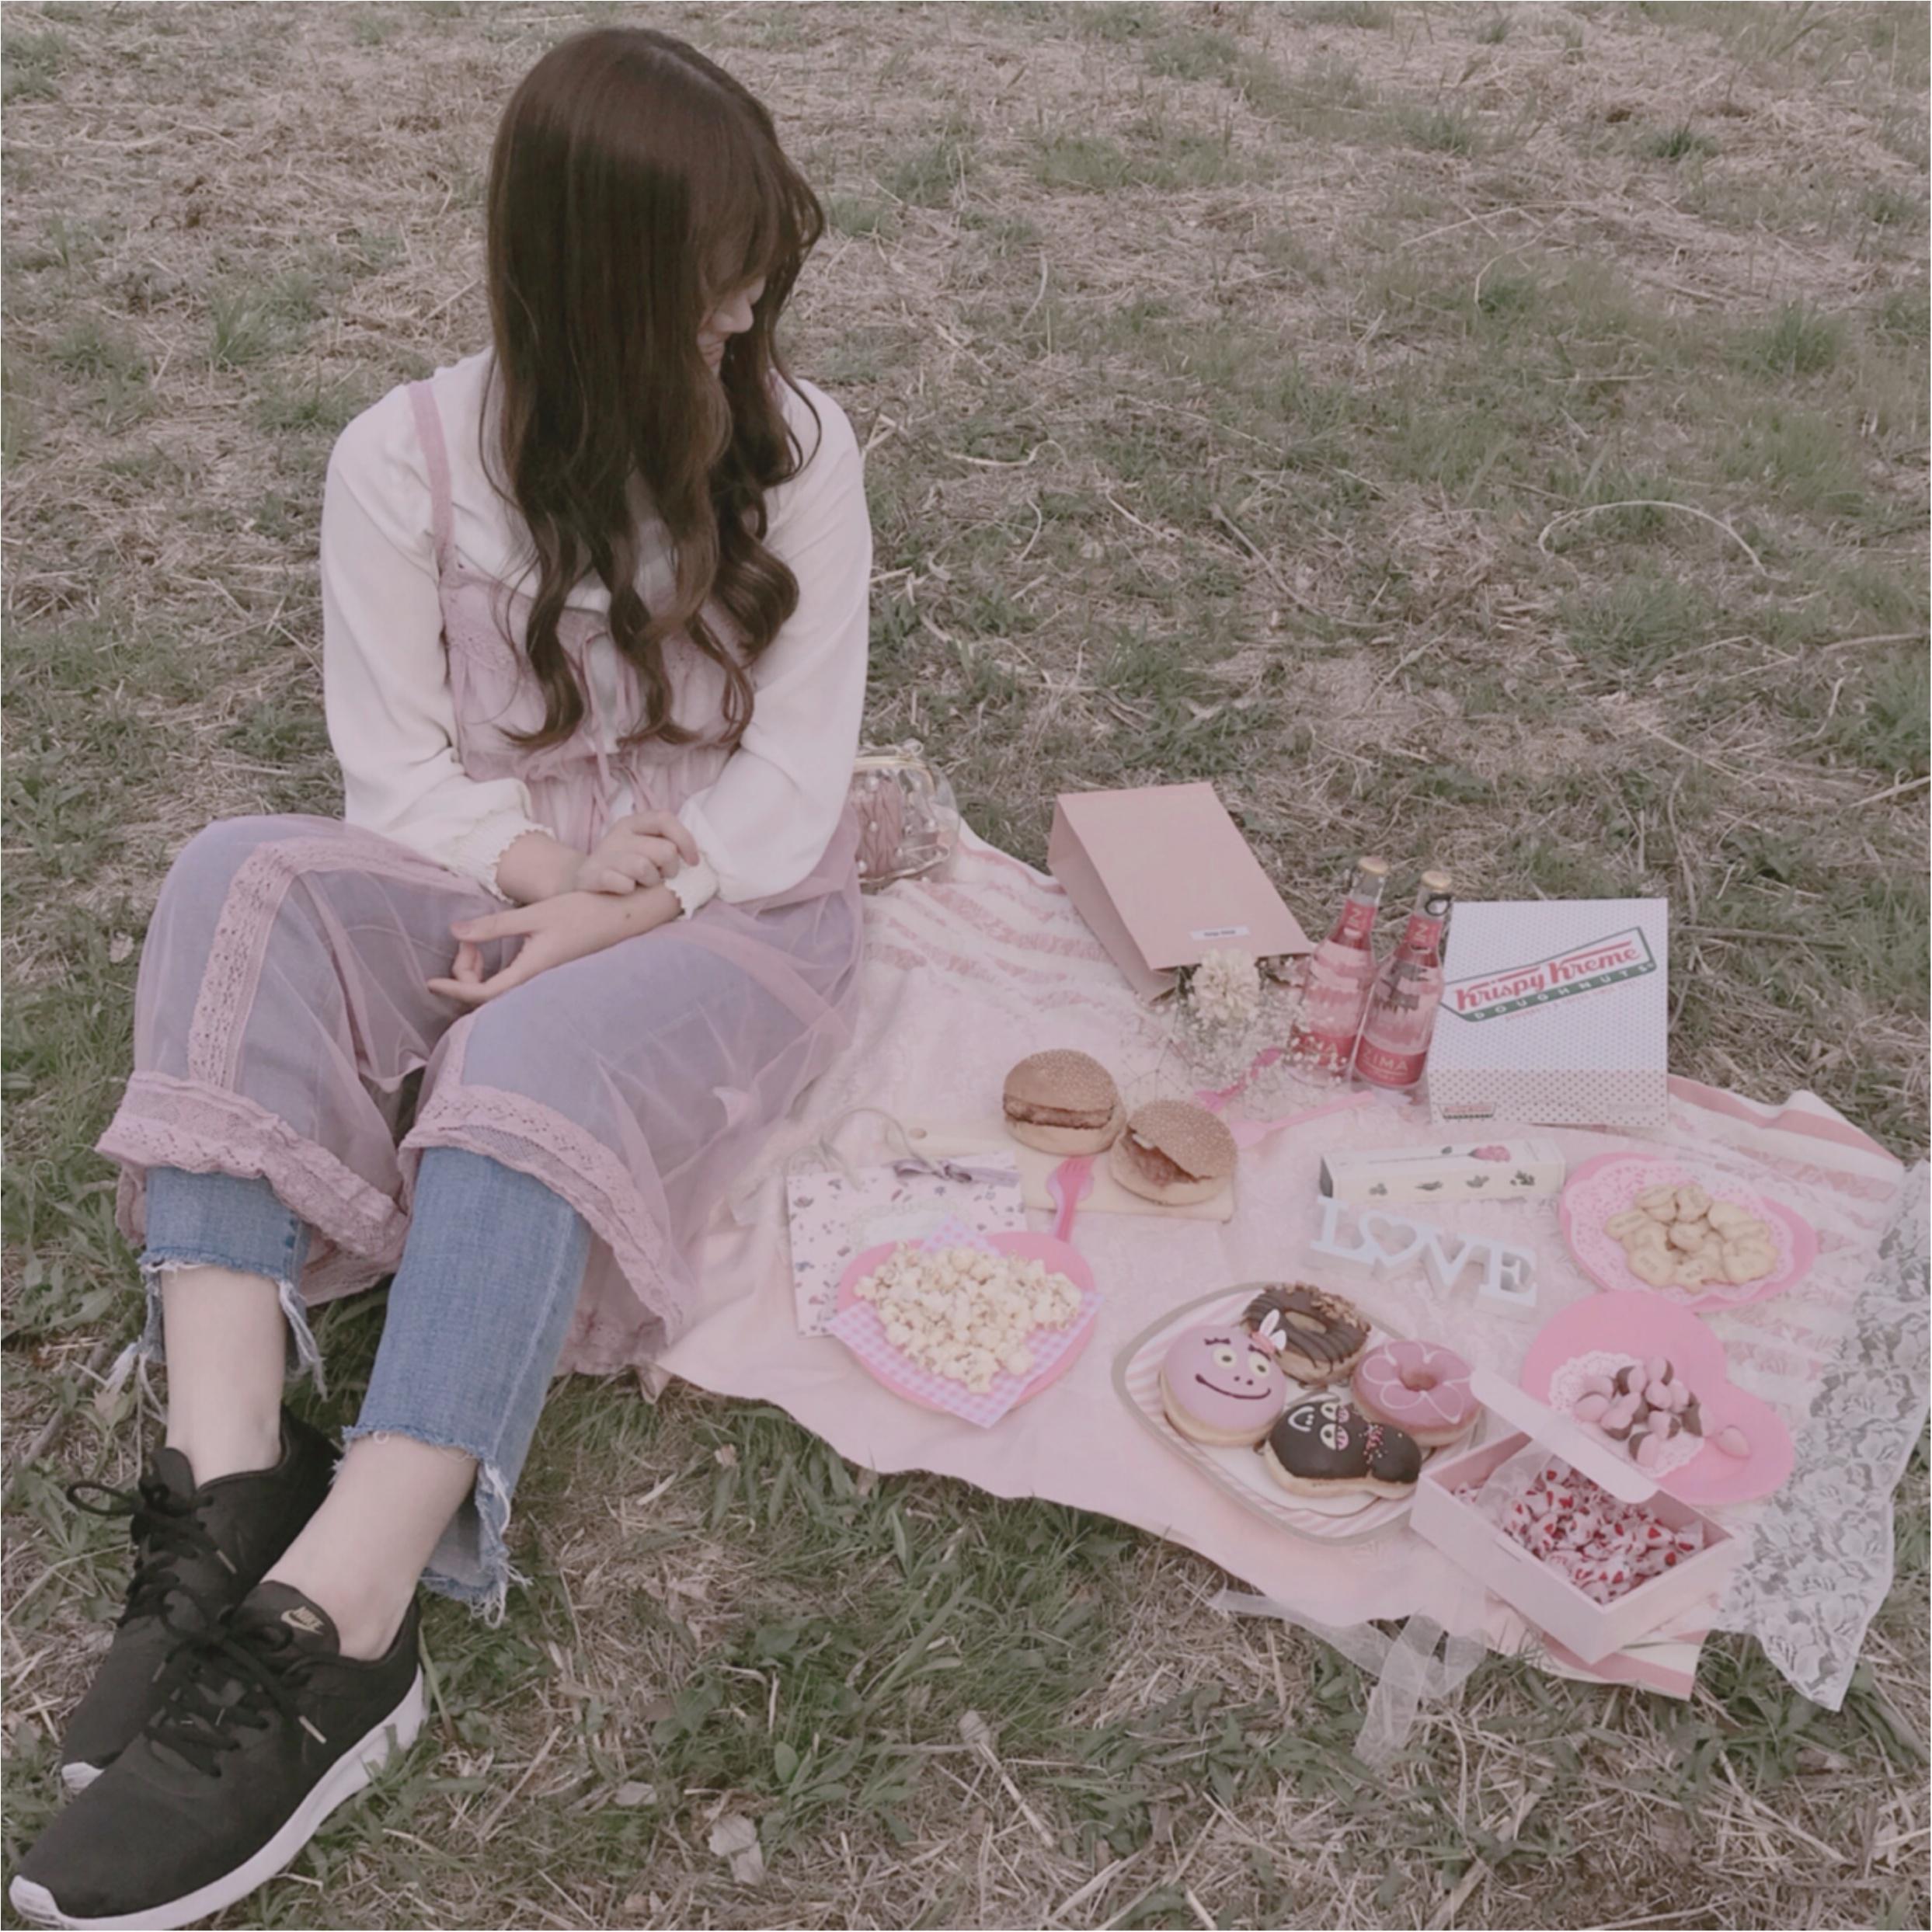 桜の下でピクニック❤︎簡単におしゃれでかわいい【おしゃピク】できます!_8